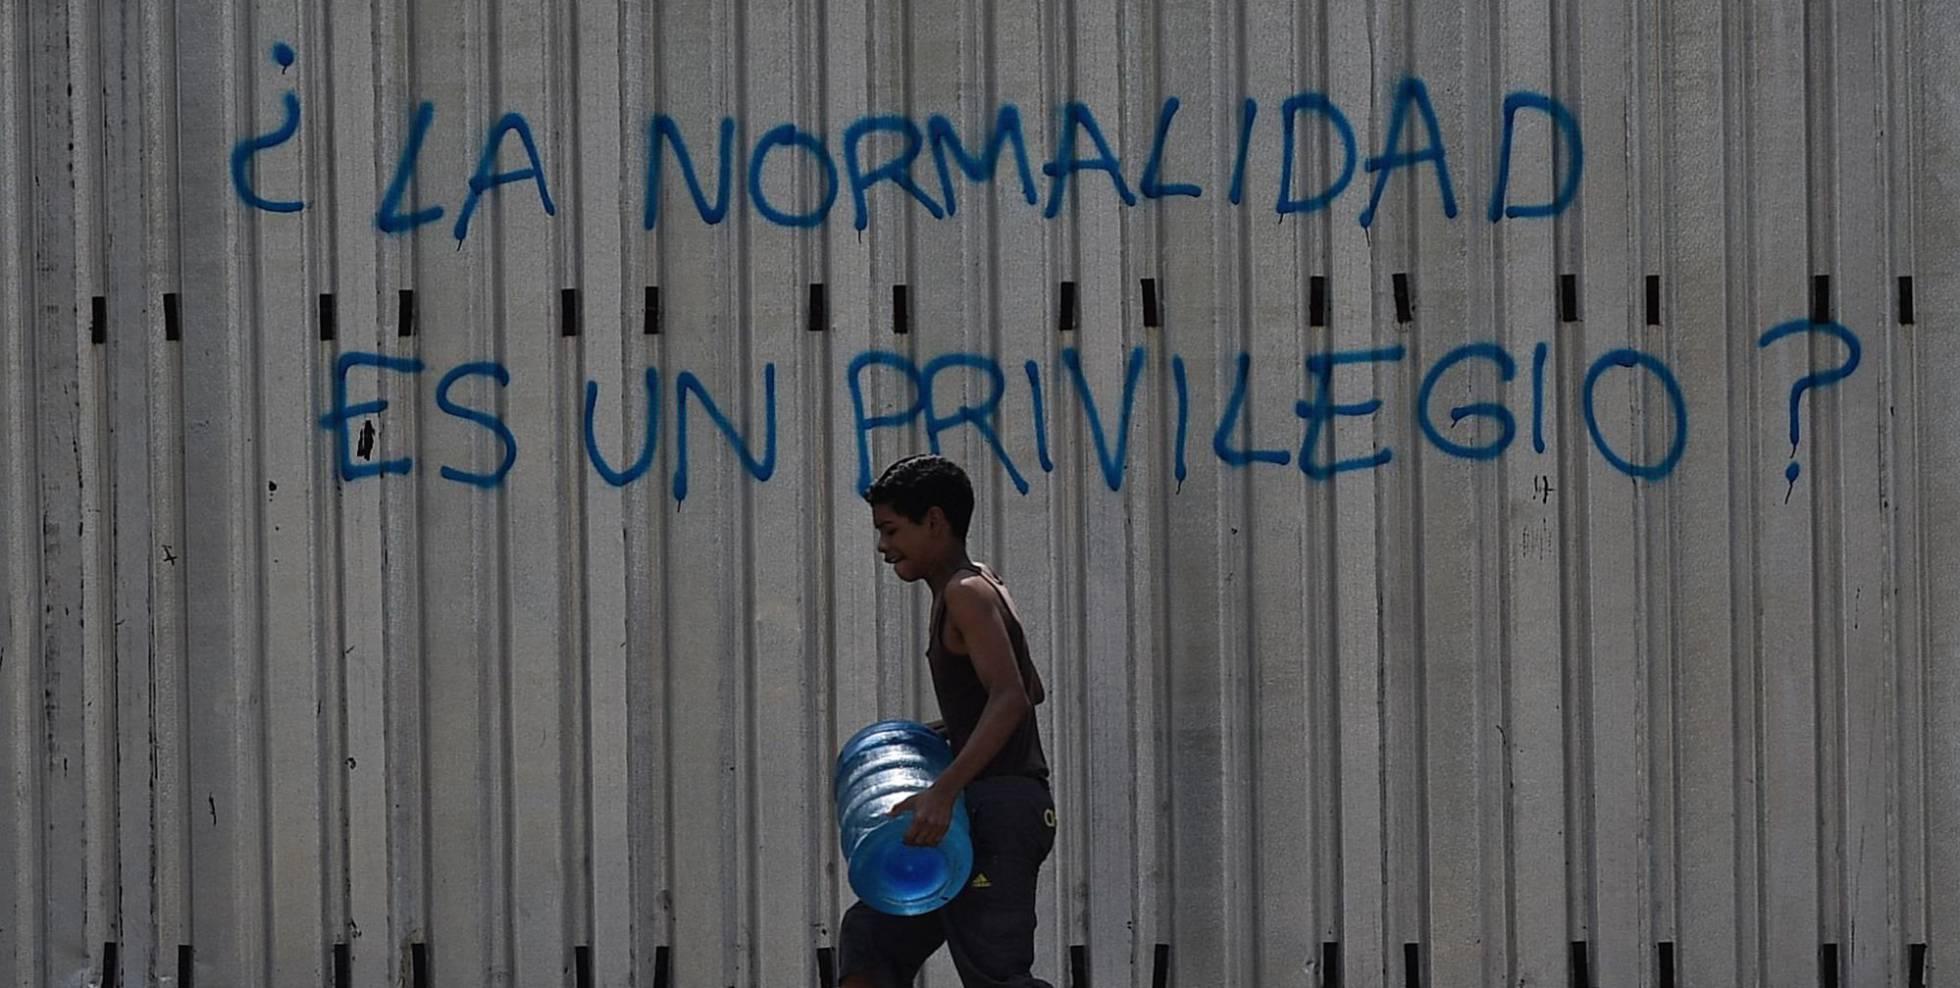 Crise no fornecimento de água em Venezuela.